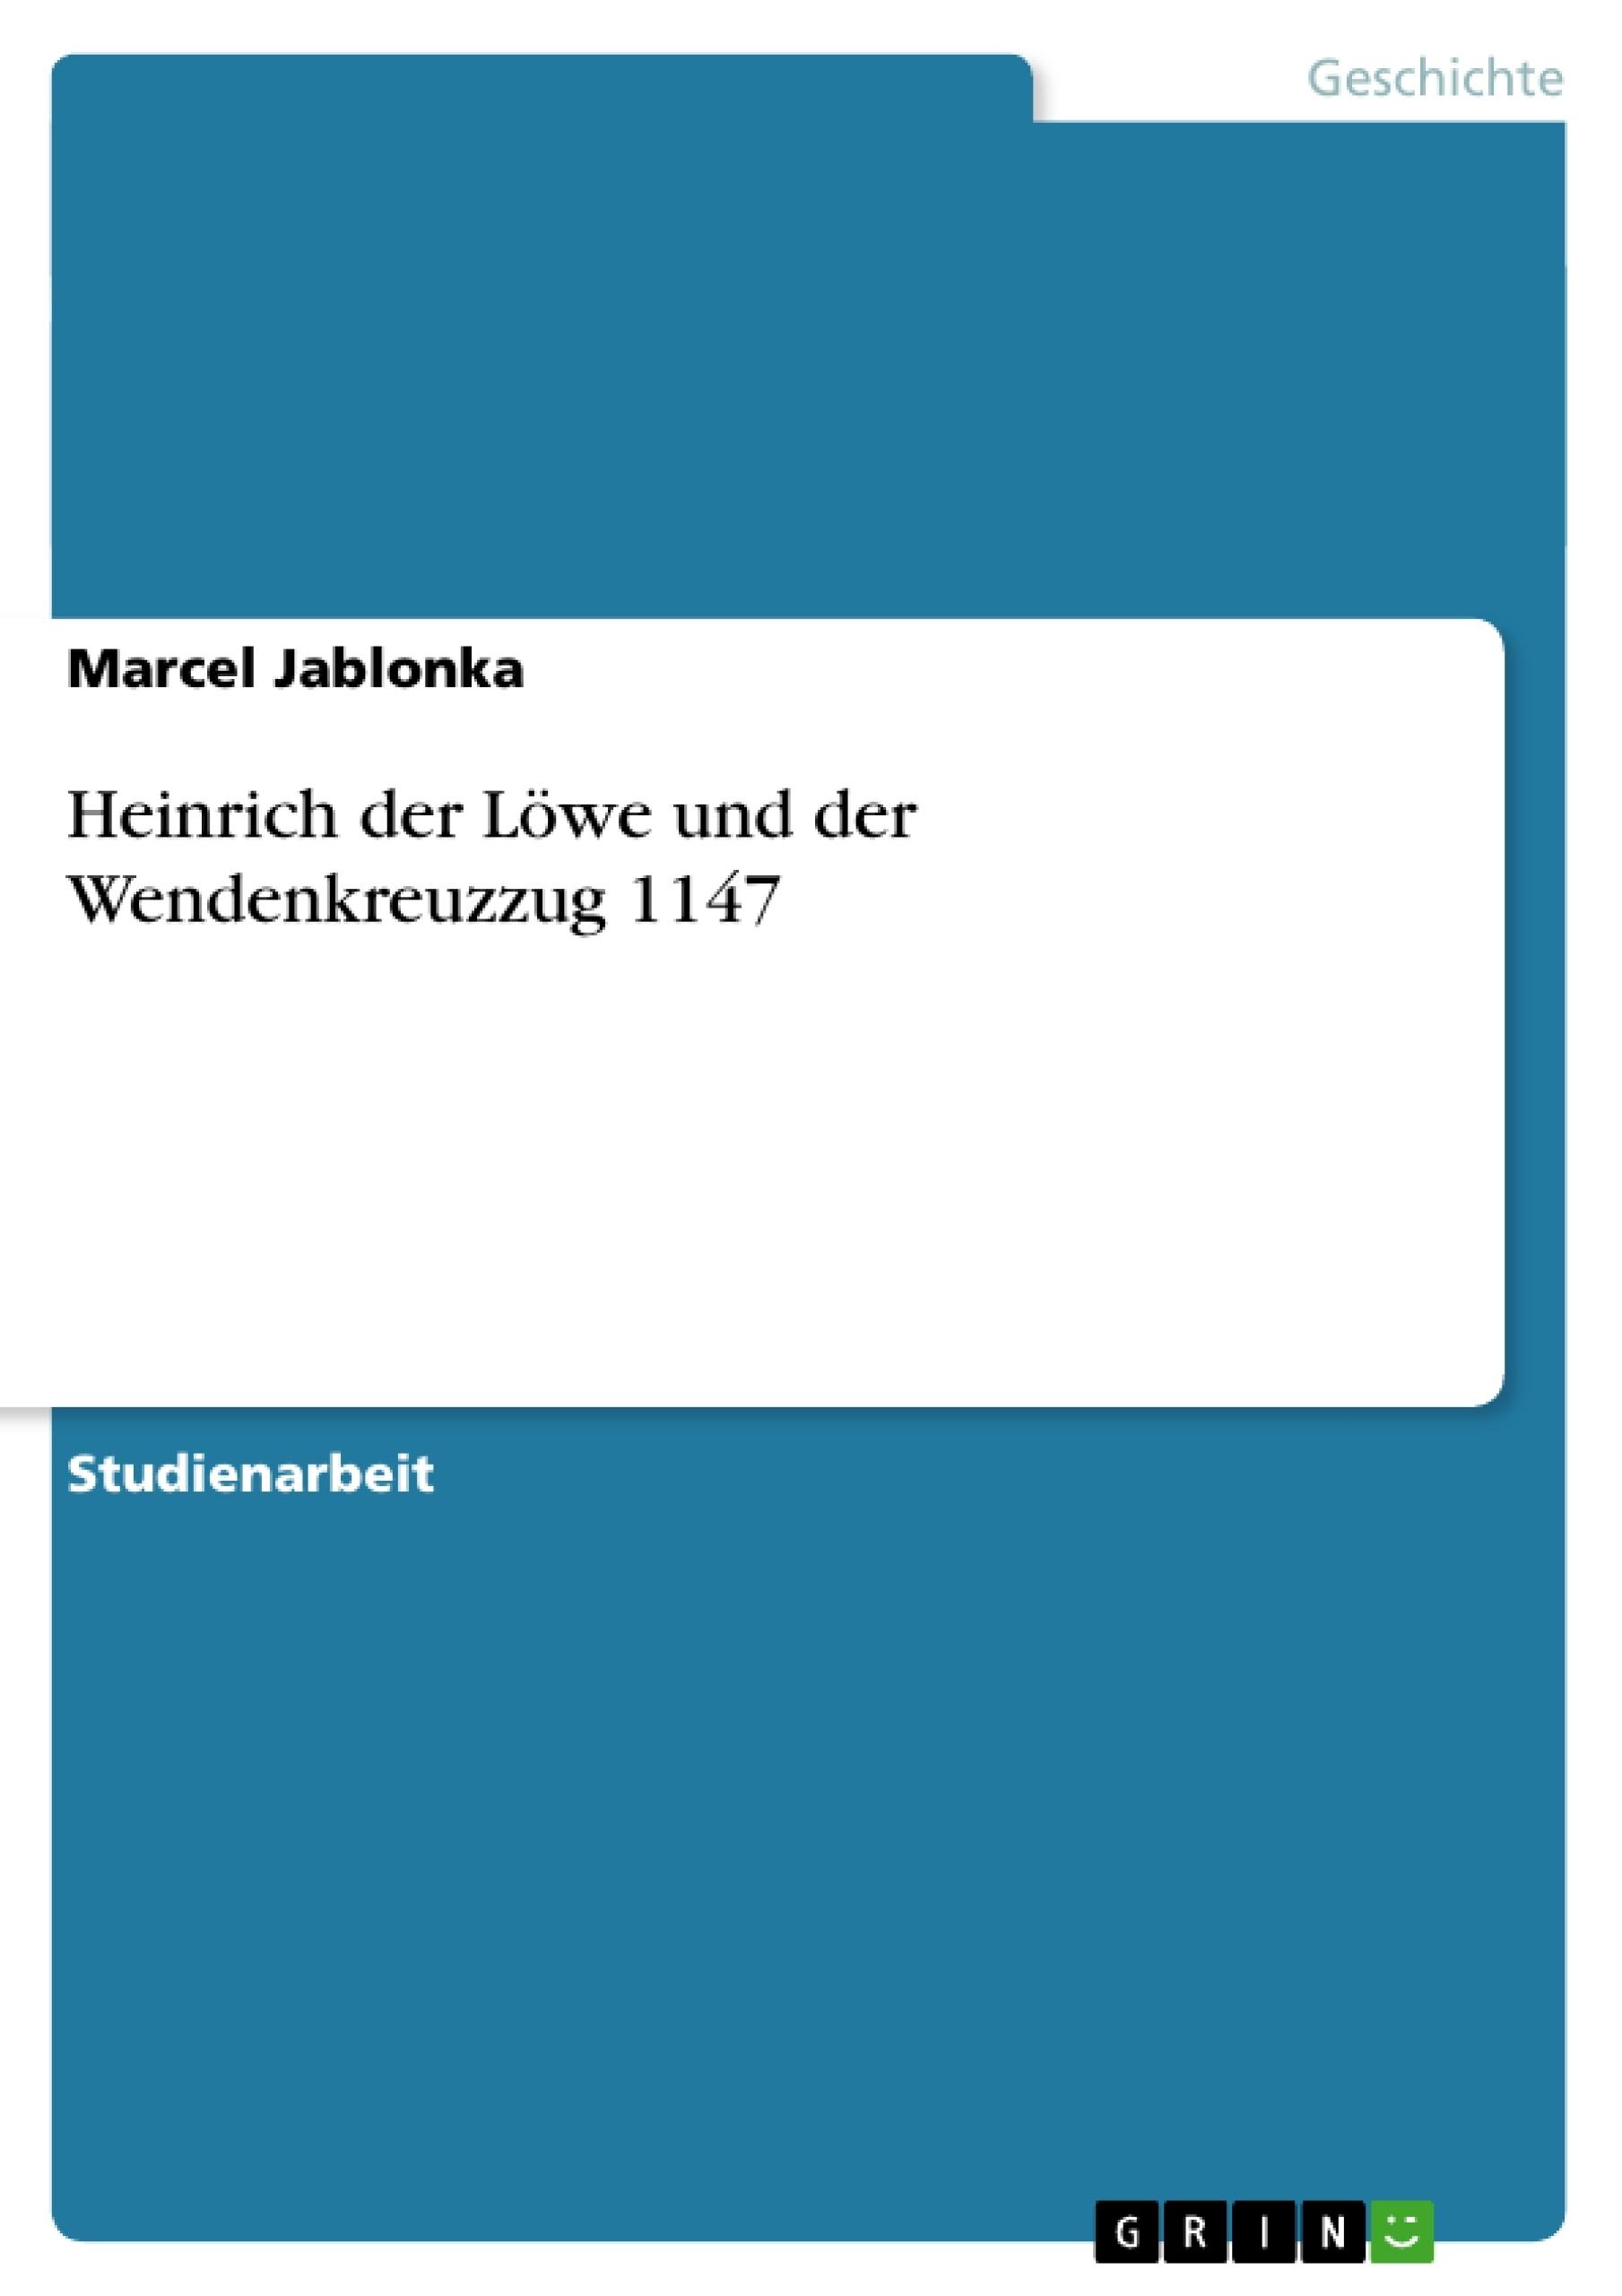 Titel: Heinrich der Löwe und der Wendenkreuzzug 1147